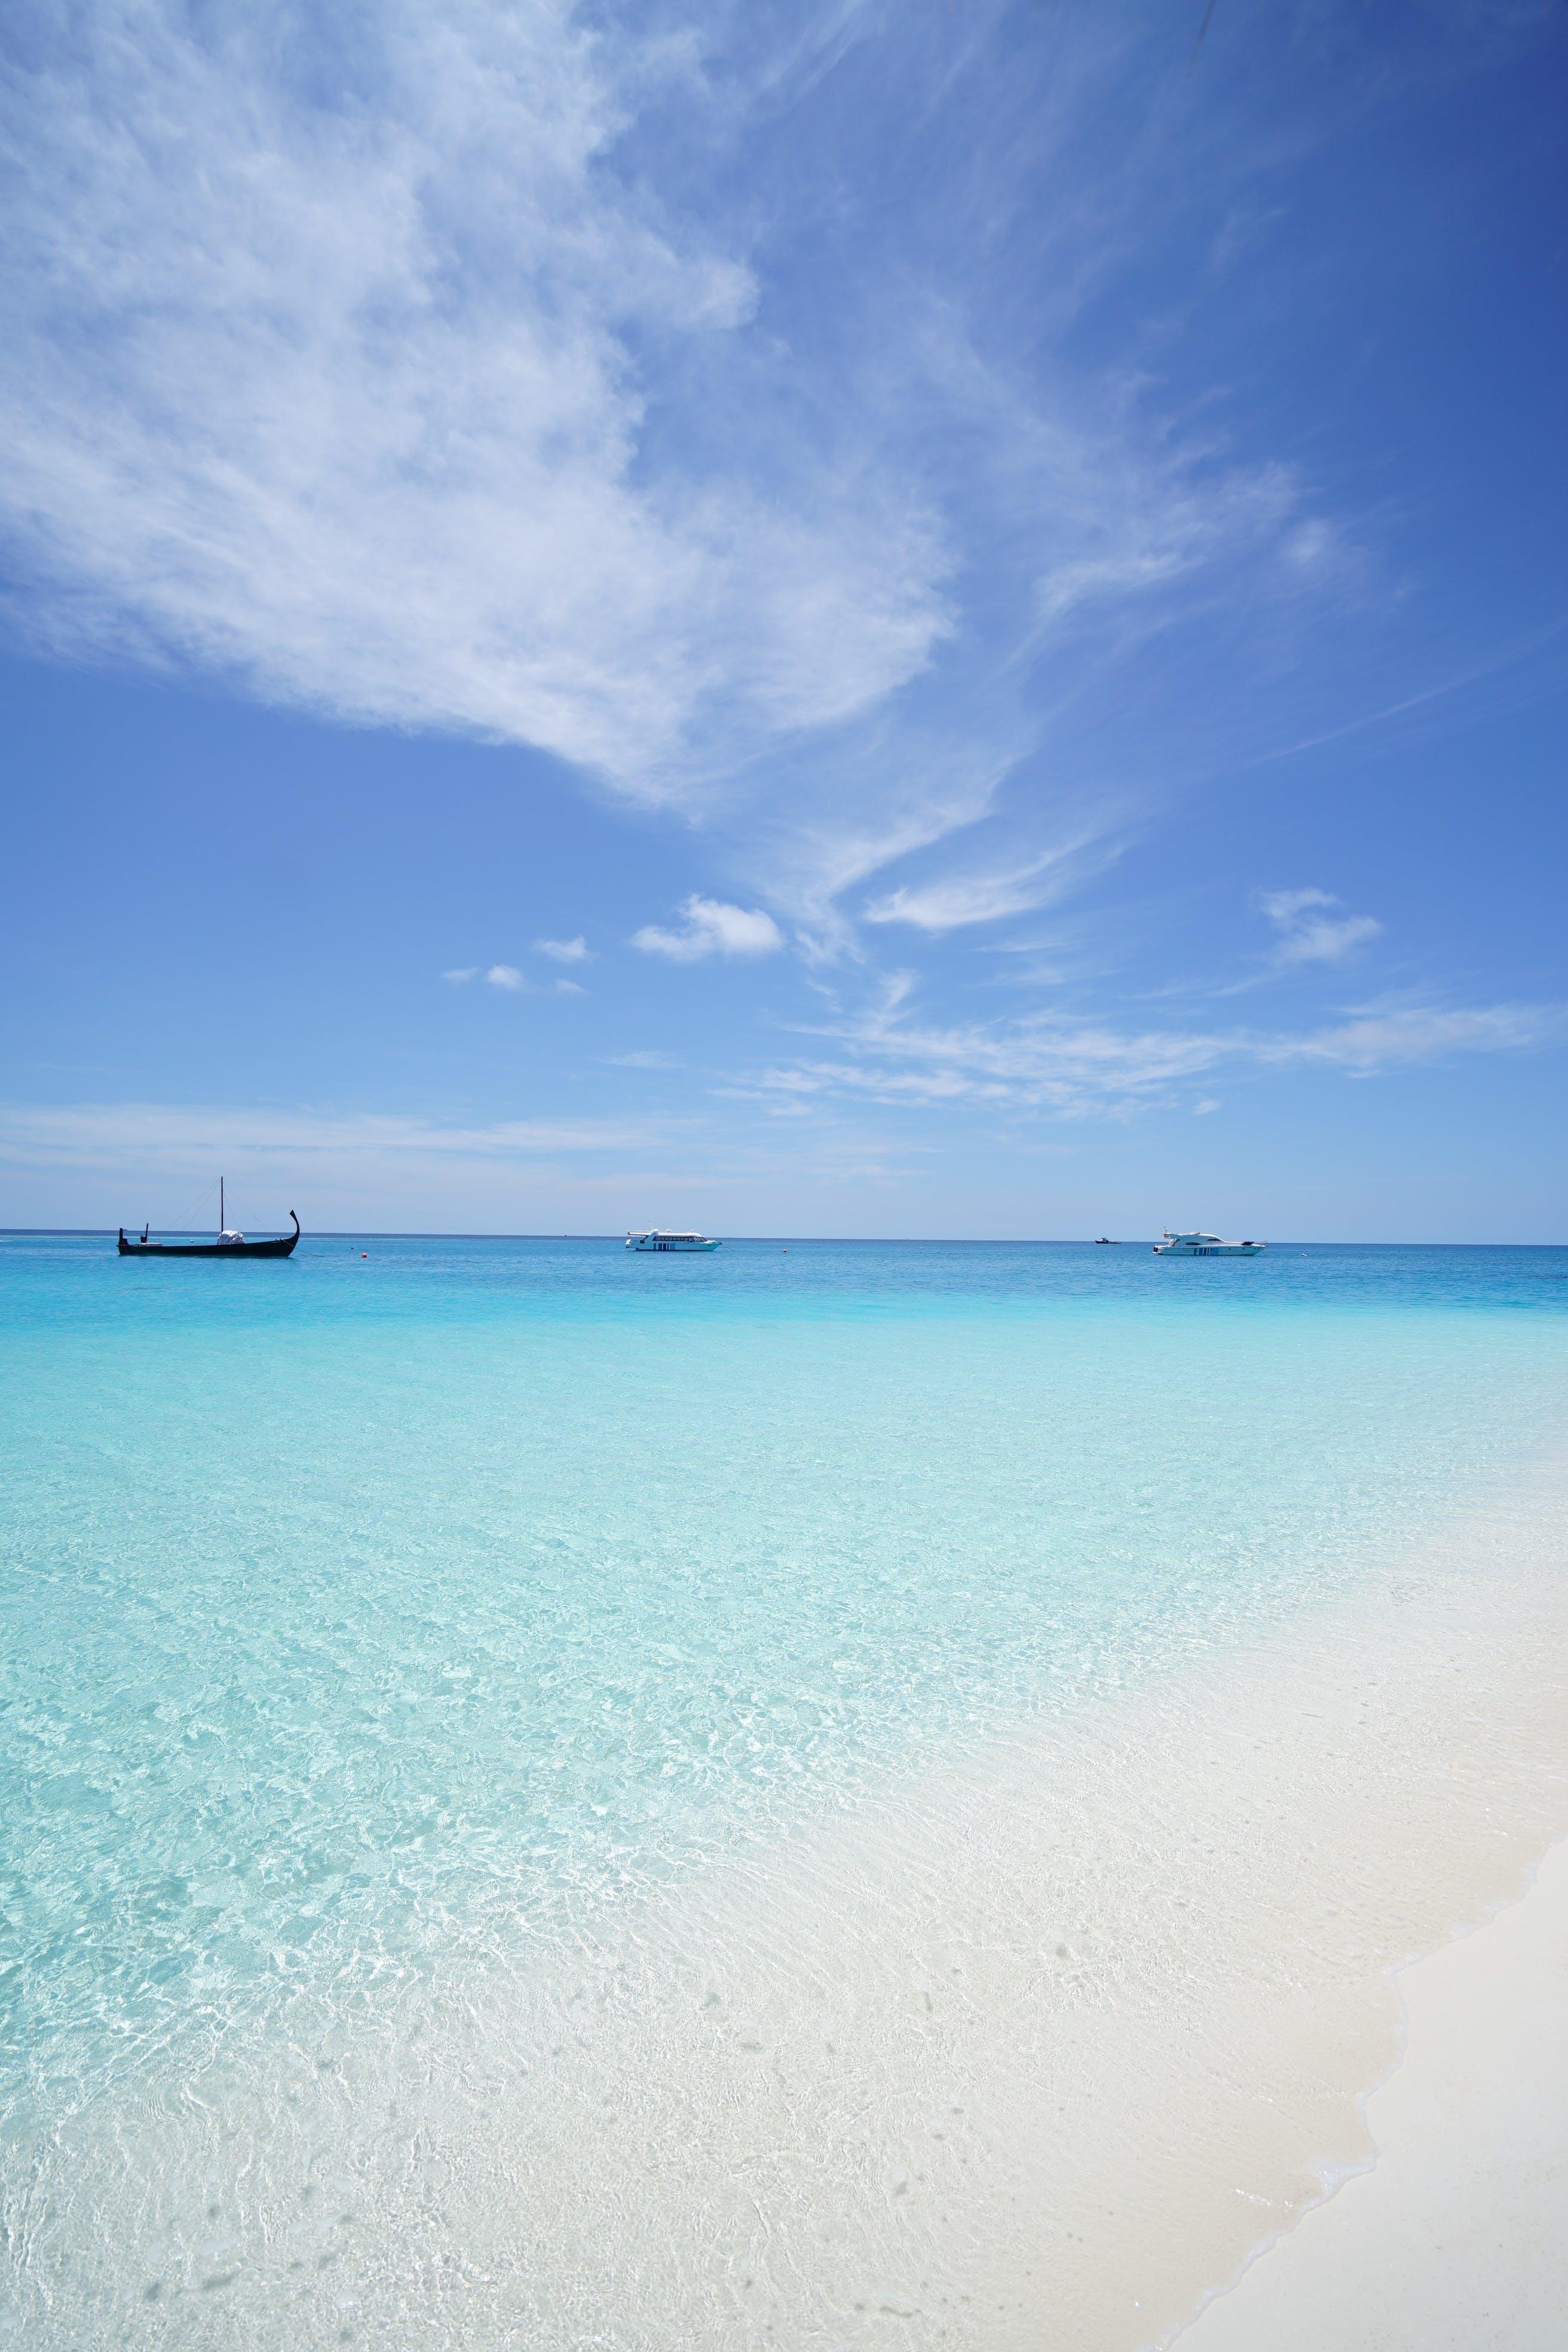 Kostnadsfri bild av blå himmel, fritid, hav, havsområde